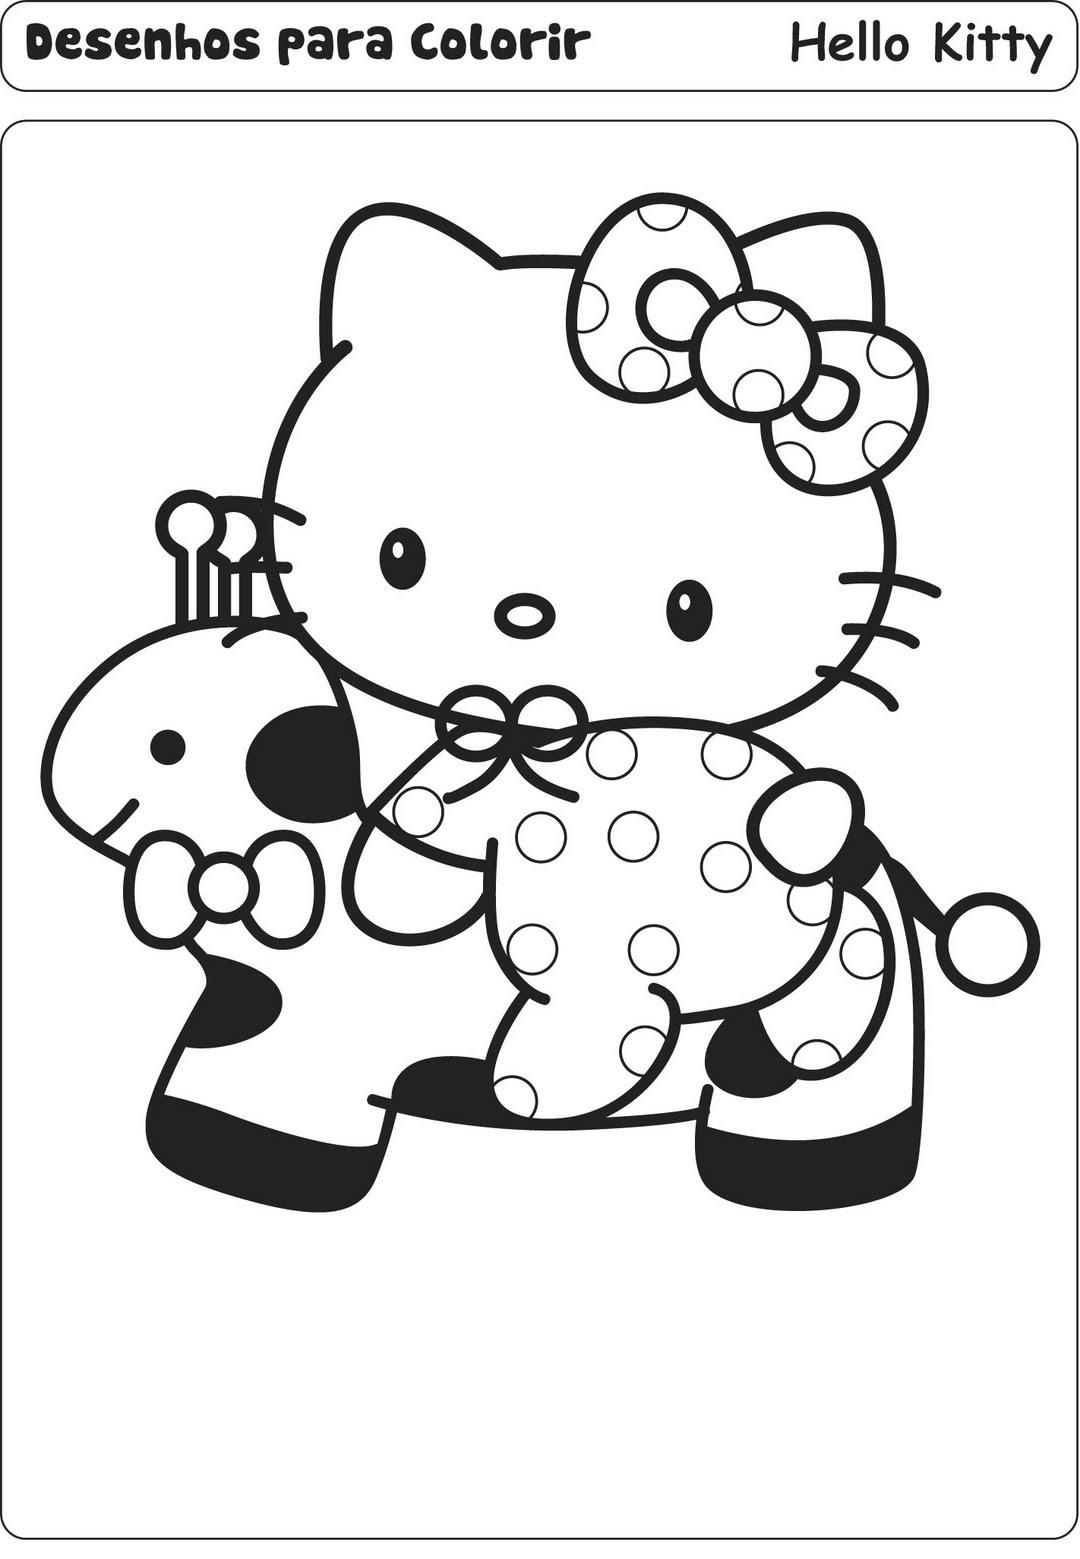 Desenhos Para Colori hello kitty com animais desenhar